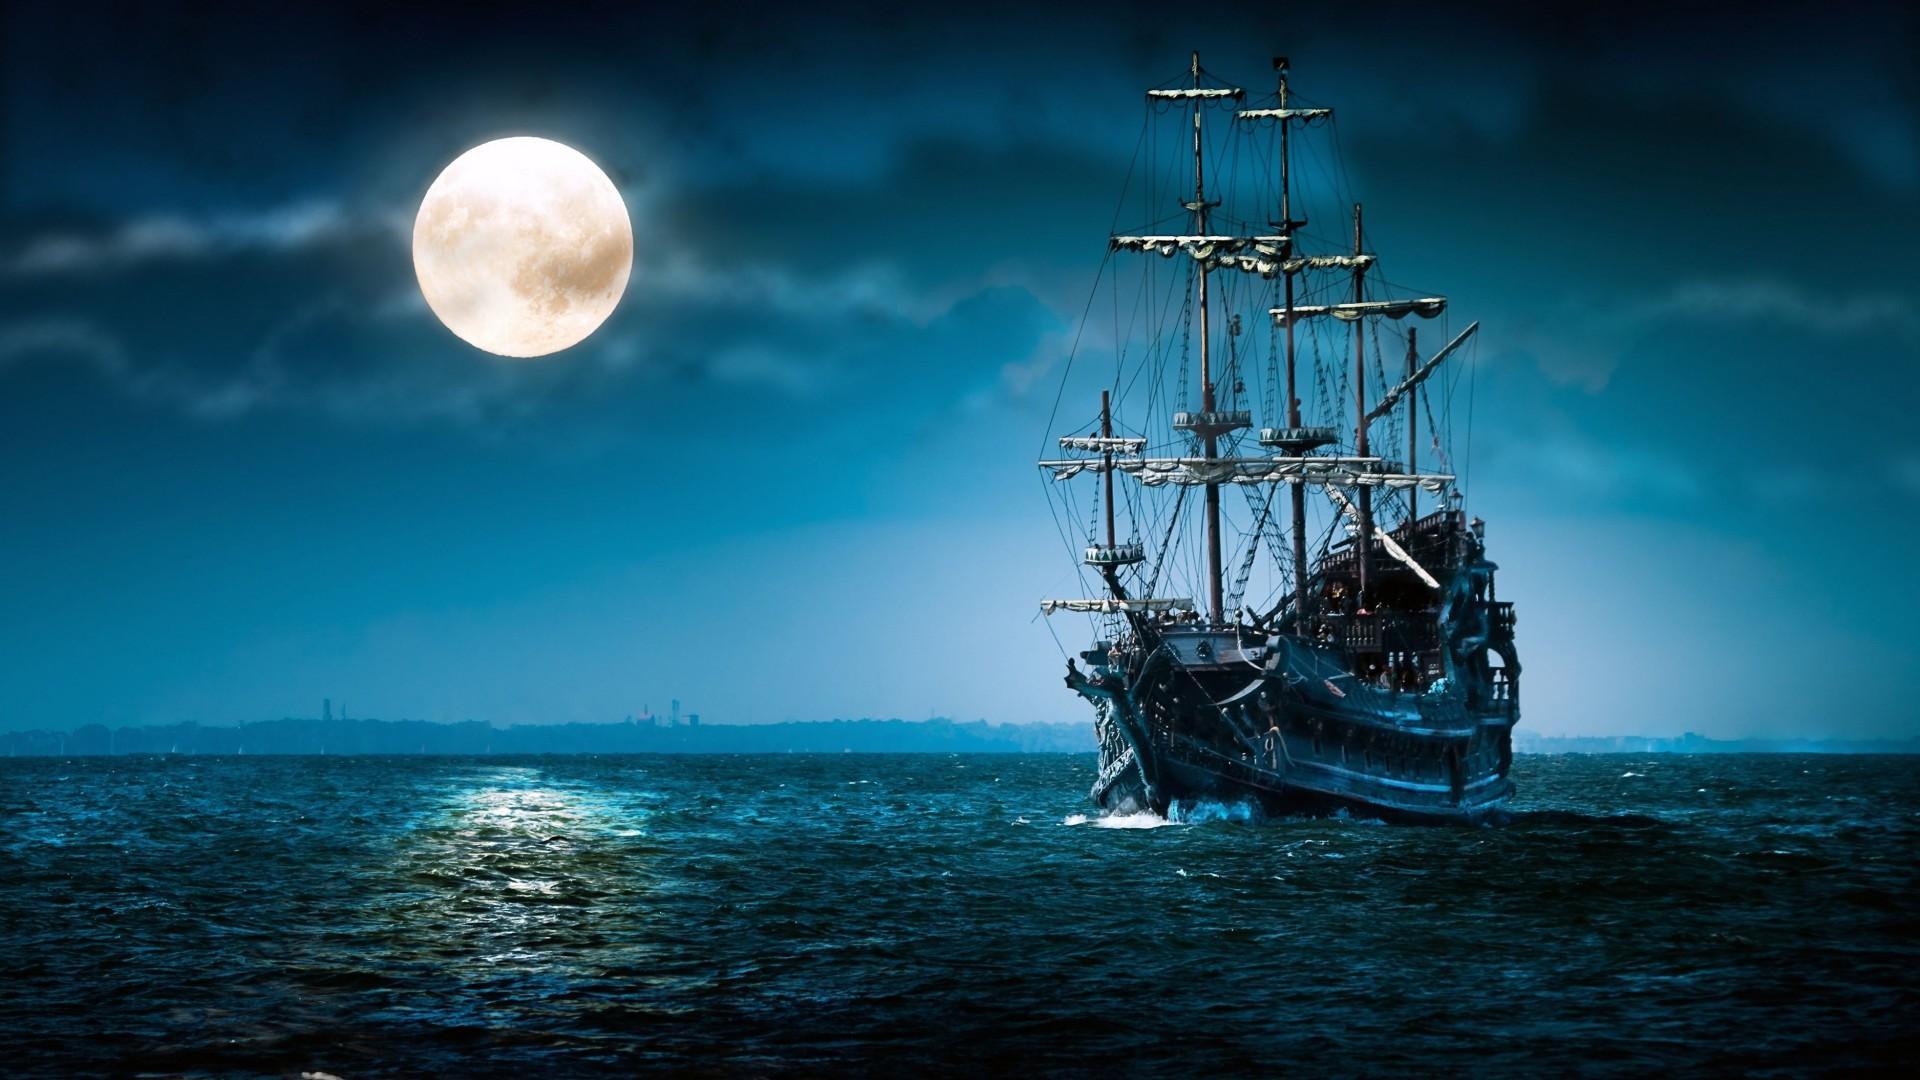 корабль сериал обои на рабочий стол № 498970 бесплатно